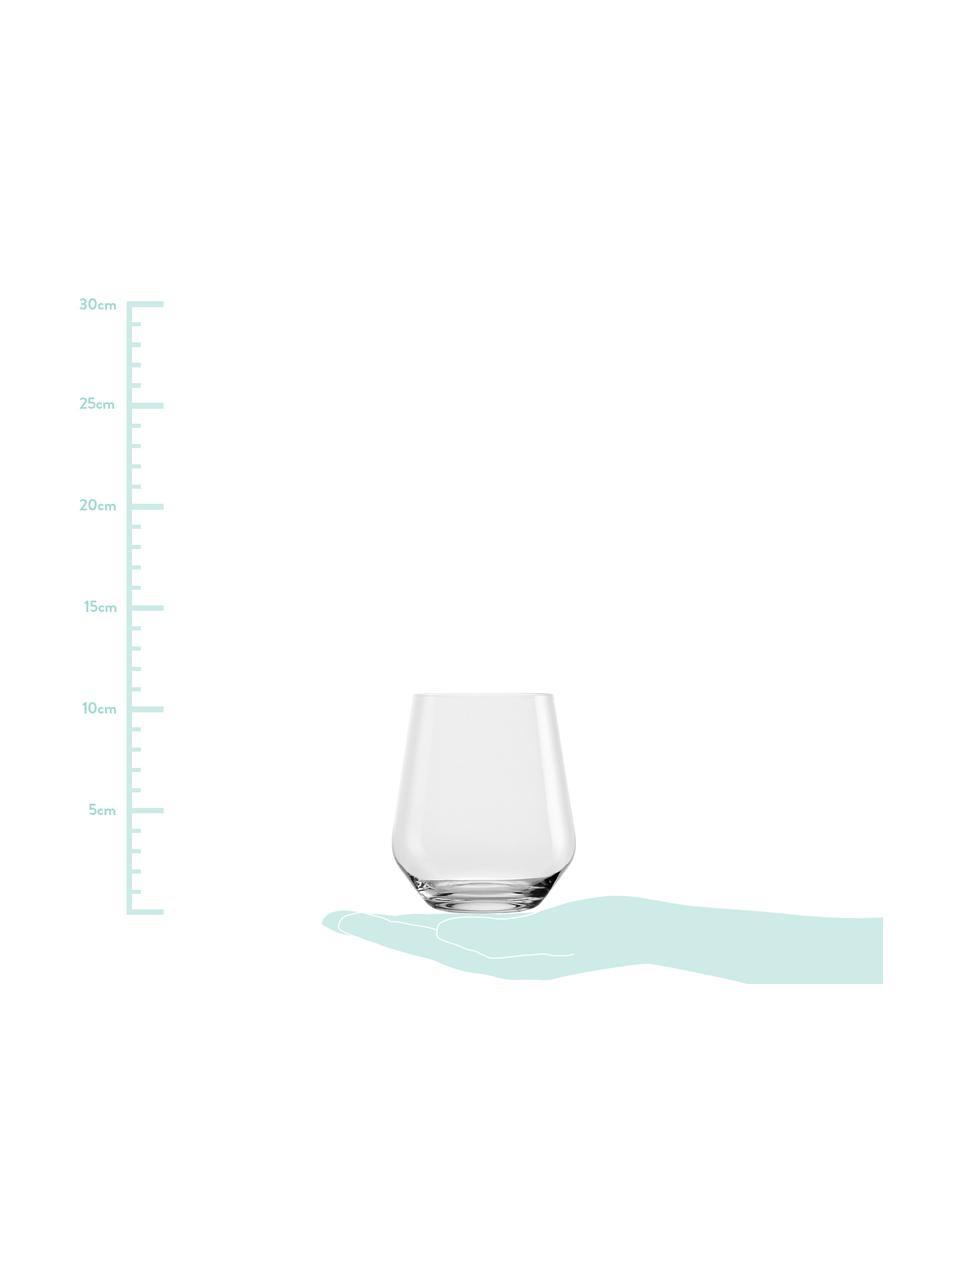 Verre à eau cristal Revolution, 6pièces, Transparent